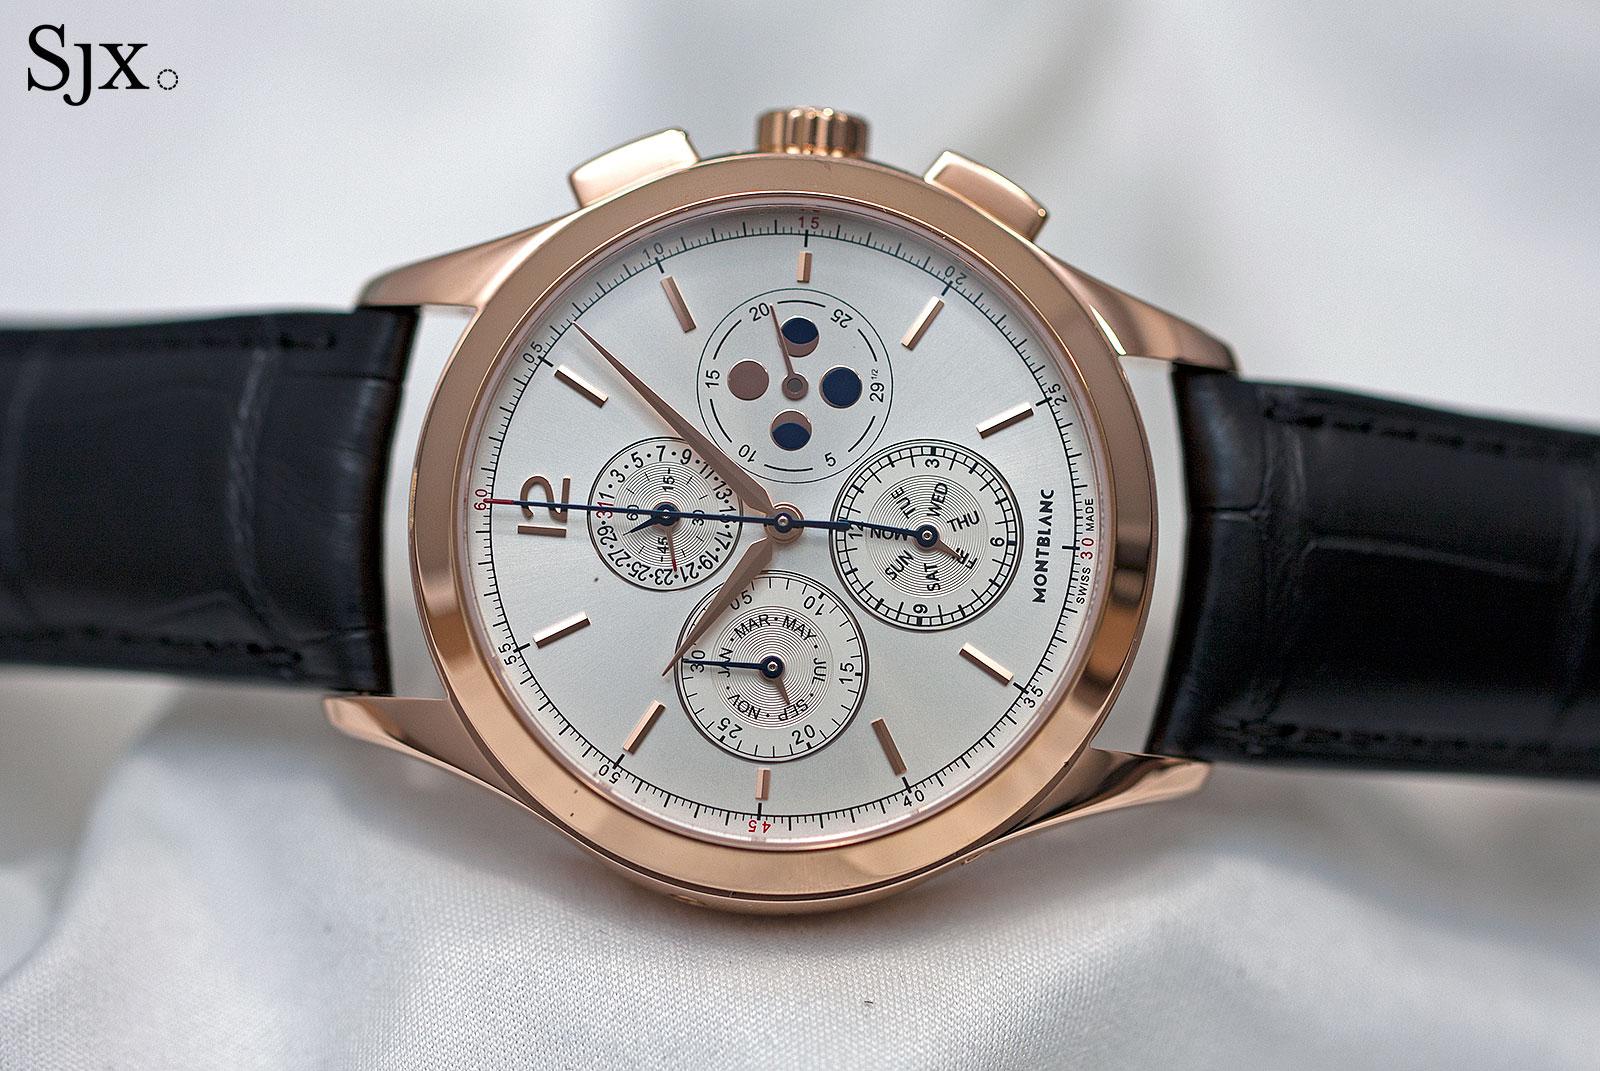 Montblanc Heritage Chronométrie Chronograph Quantième Annuel rose gold